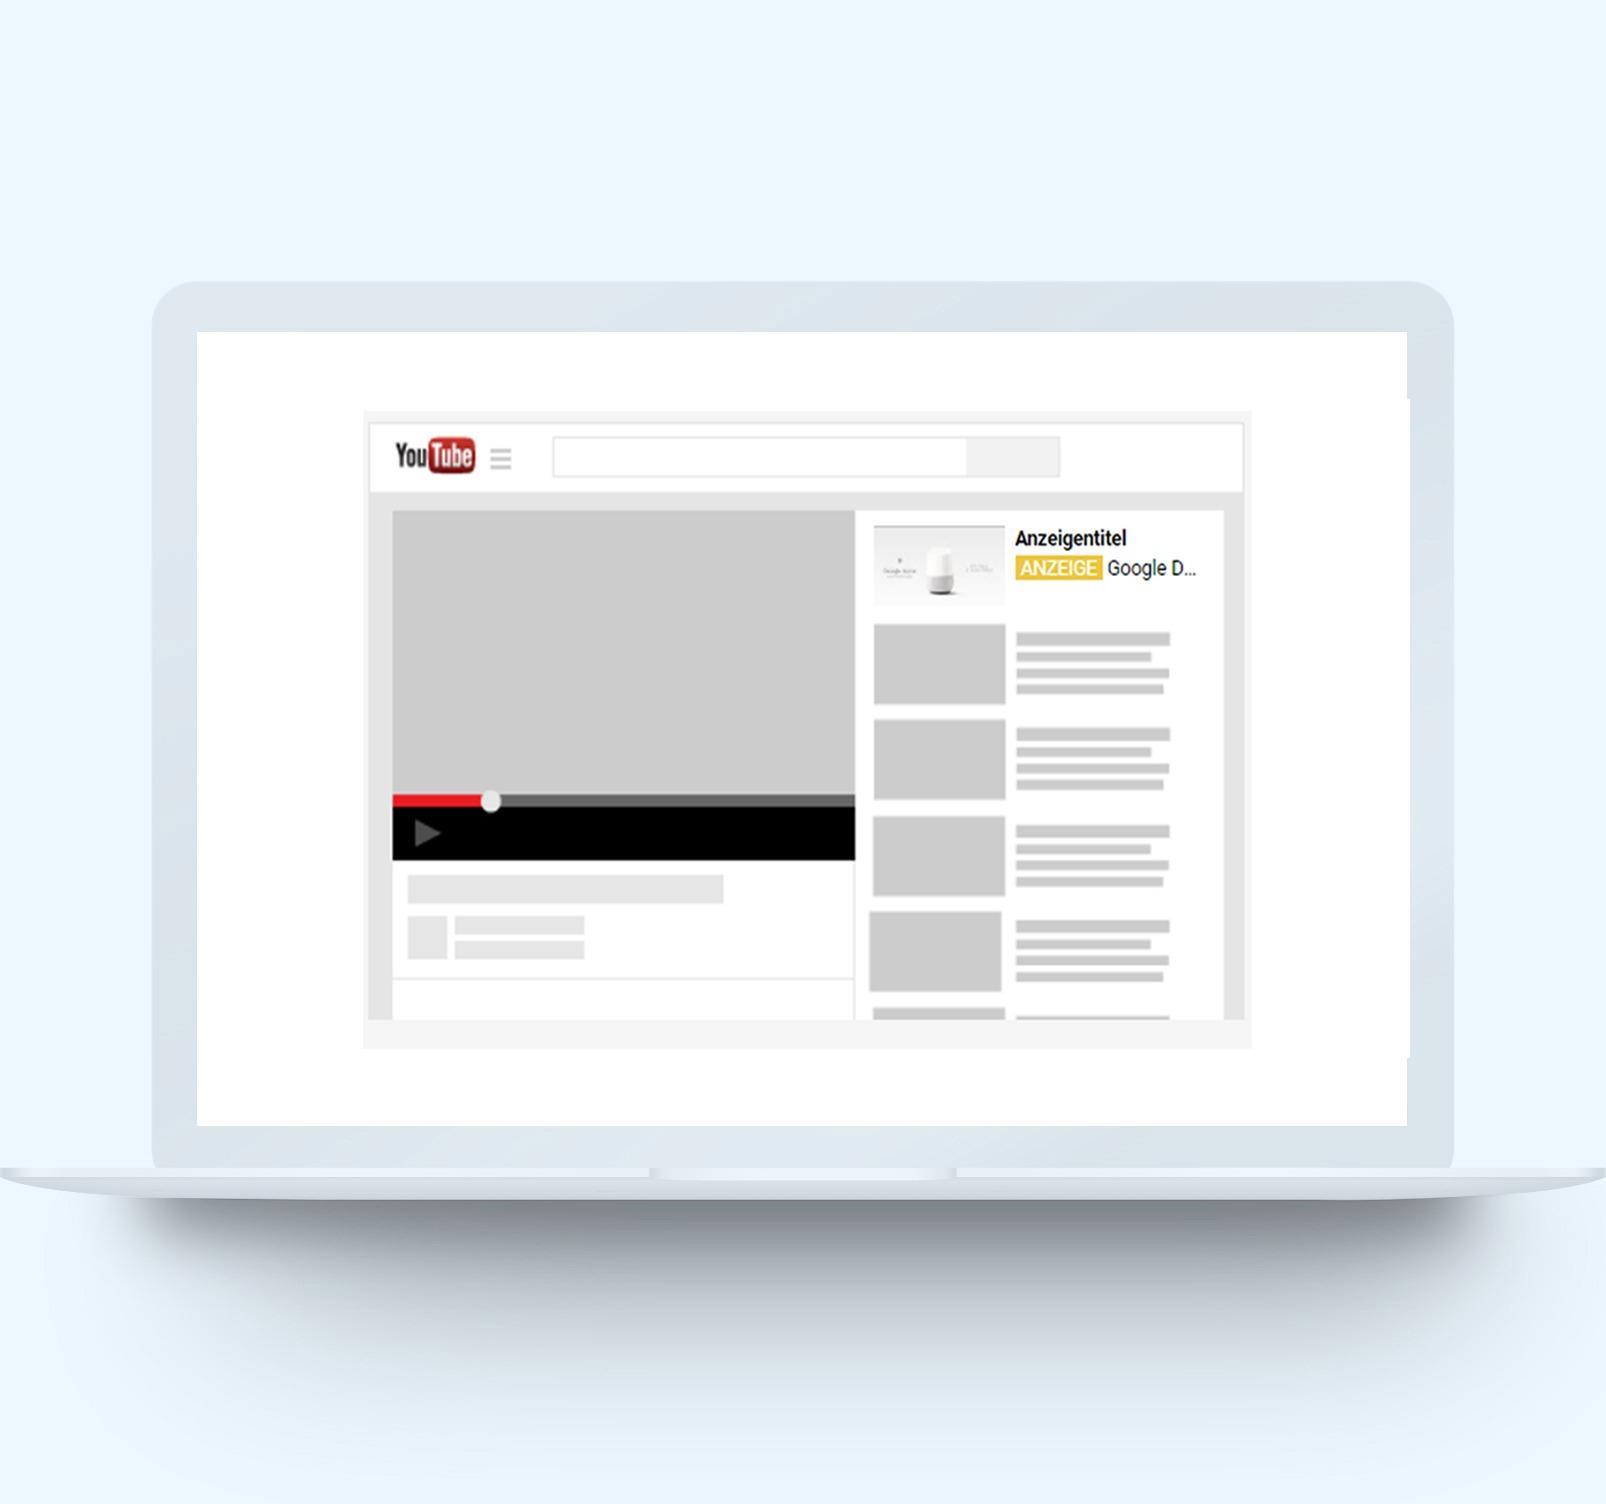 YouTube Werbung Beispiel